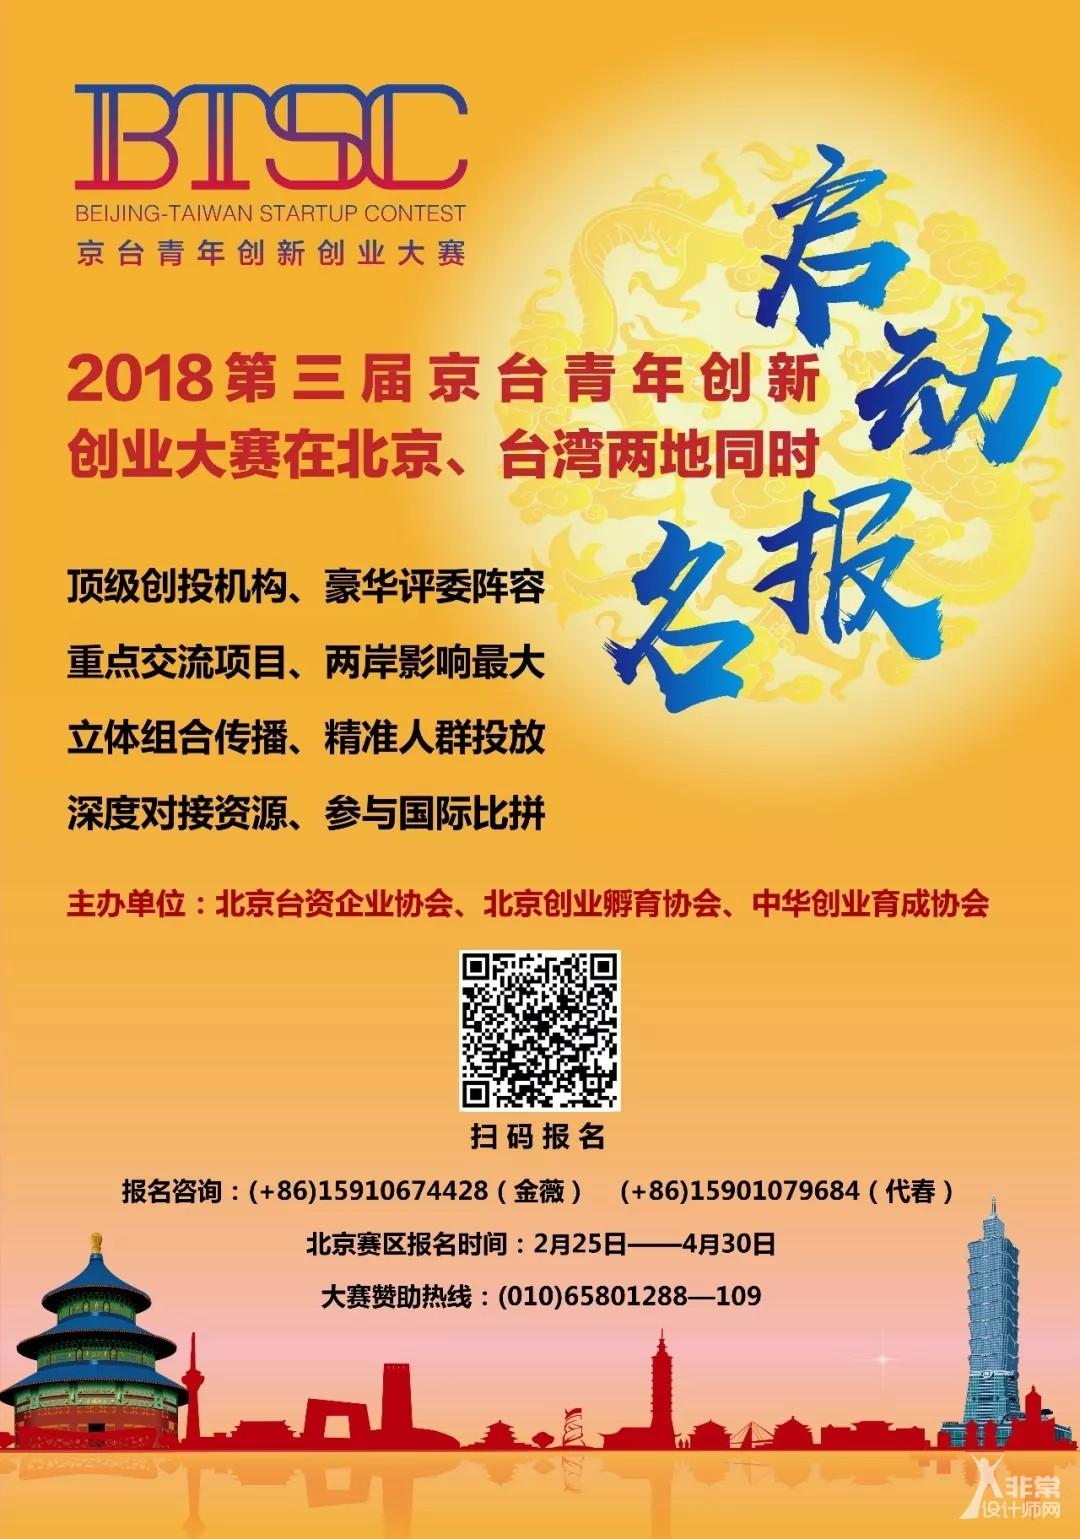 2018第三届京台青年创新创业大赛启动报名